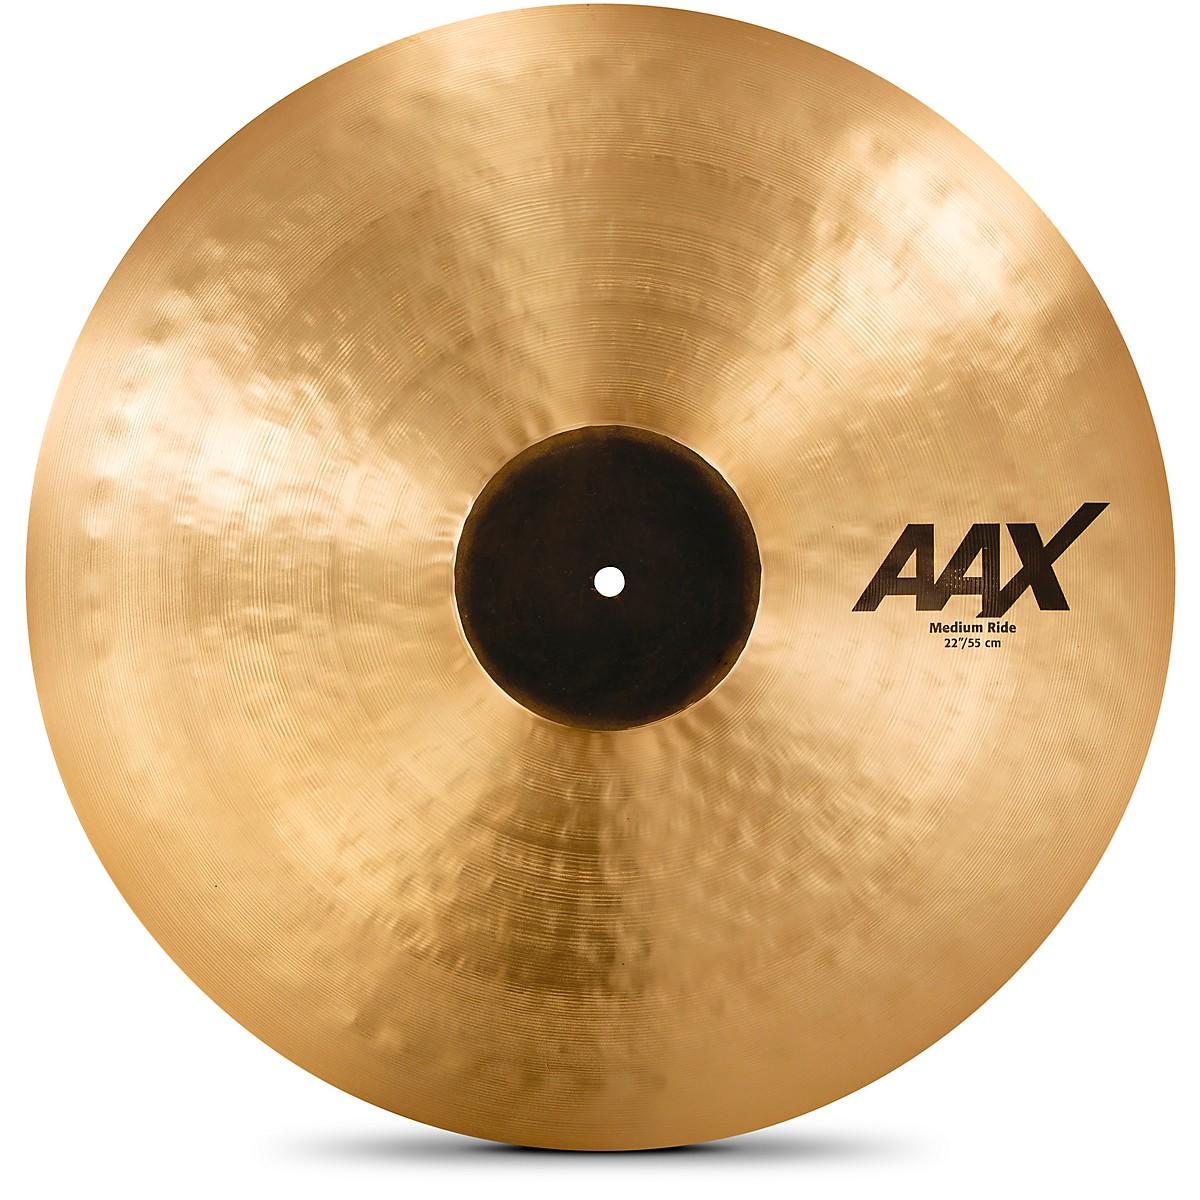 Sabian AAX Medium Ride Cymbal Brilliant